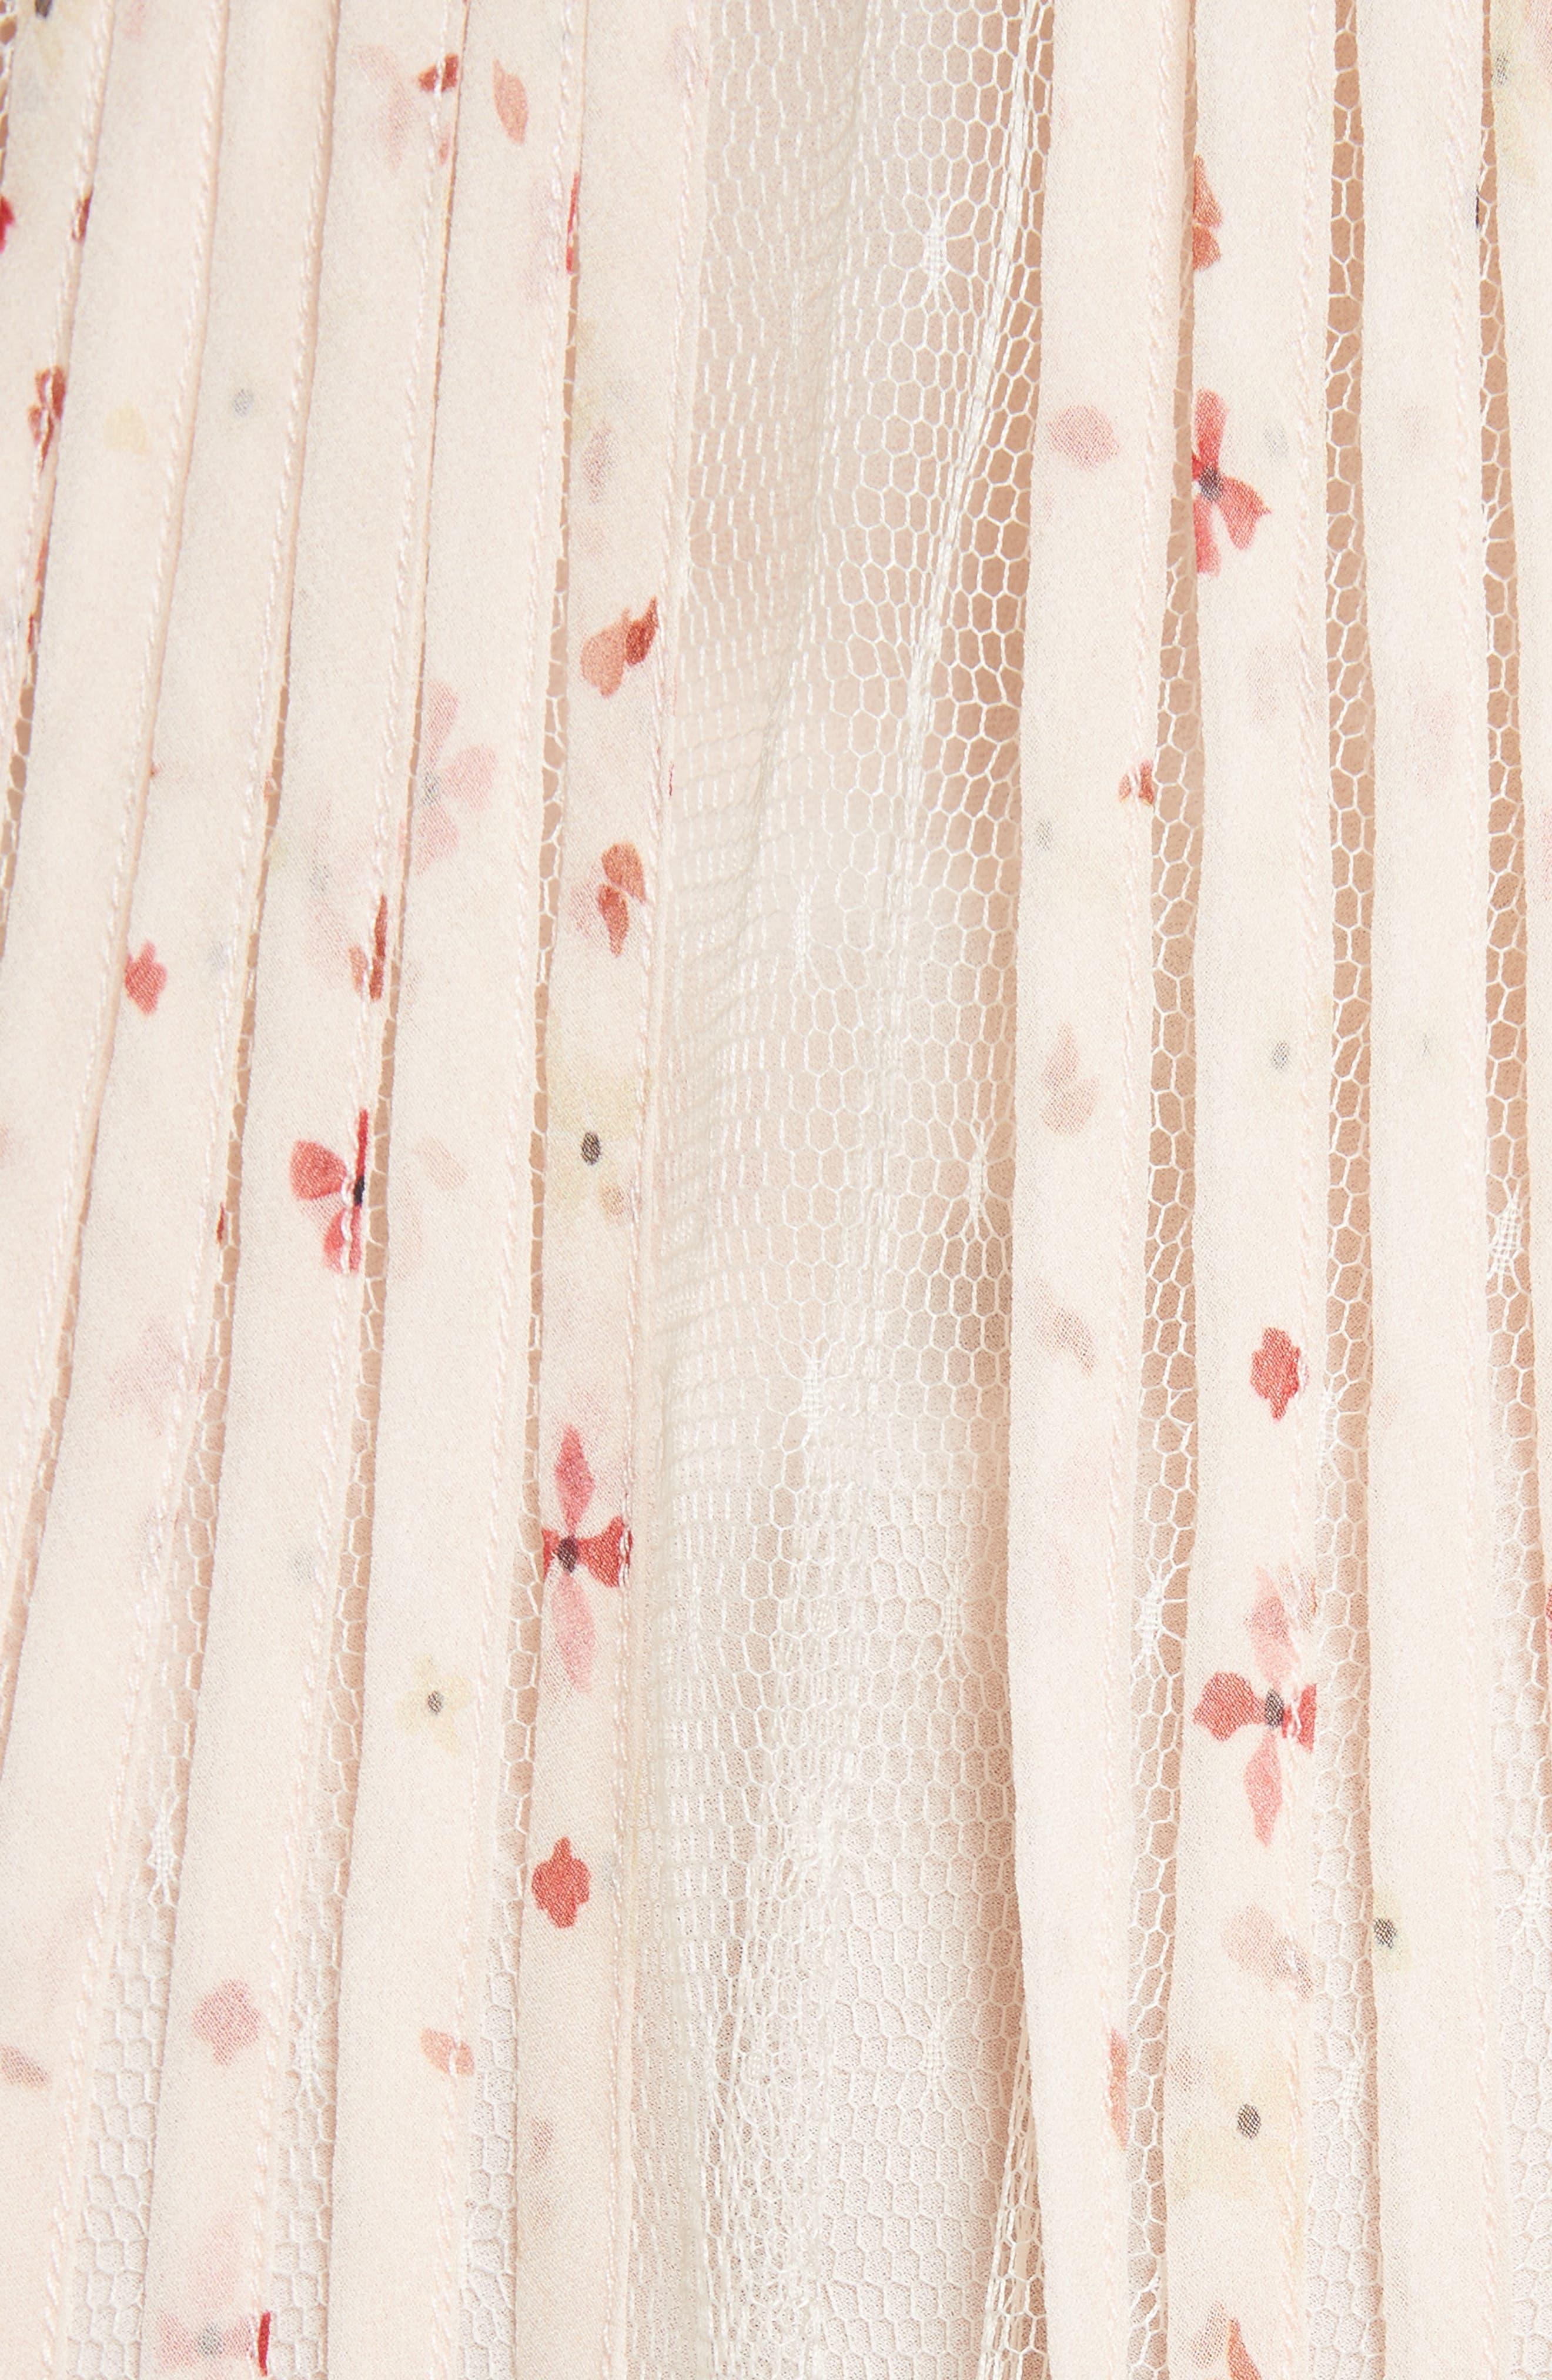 Point dEsprit Ruffle Trim Dress,                             Alternate thumbnail 5, color,                             900